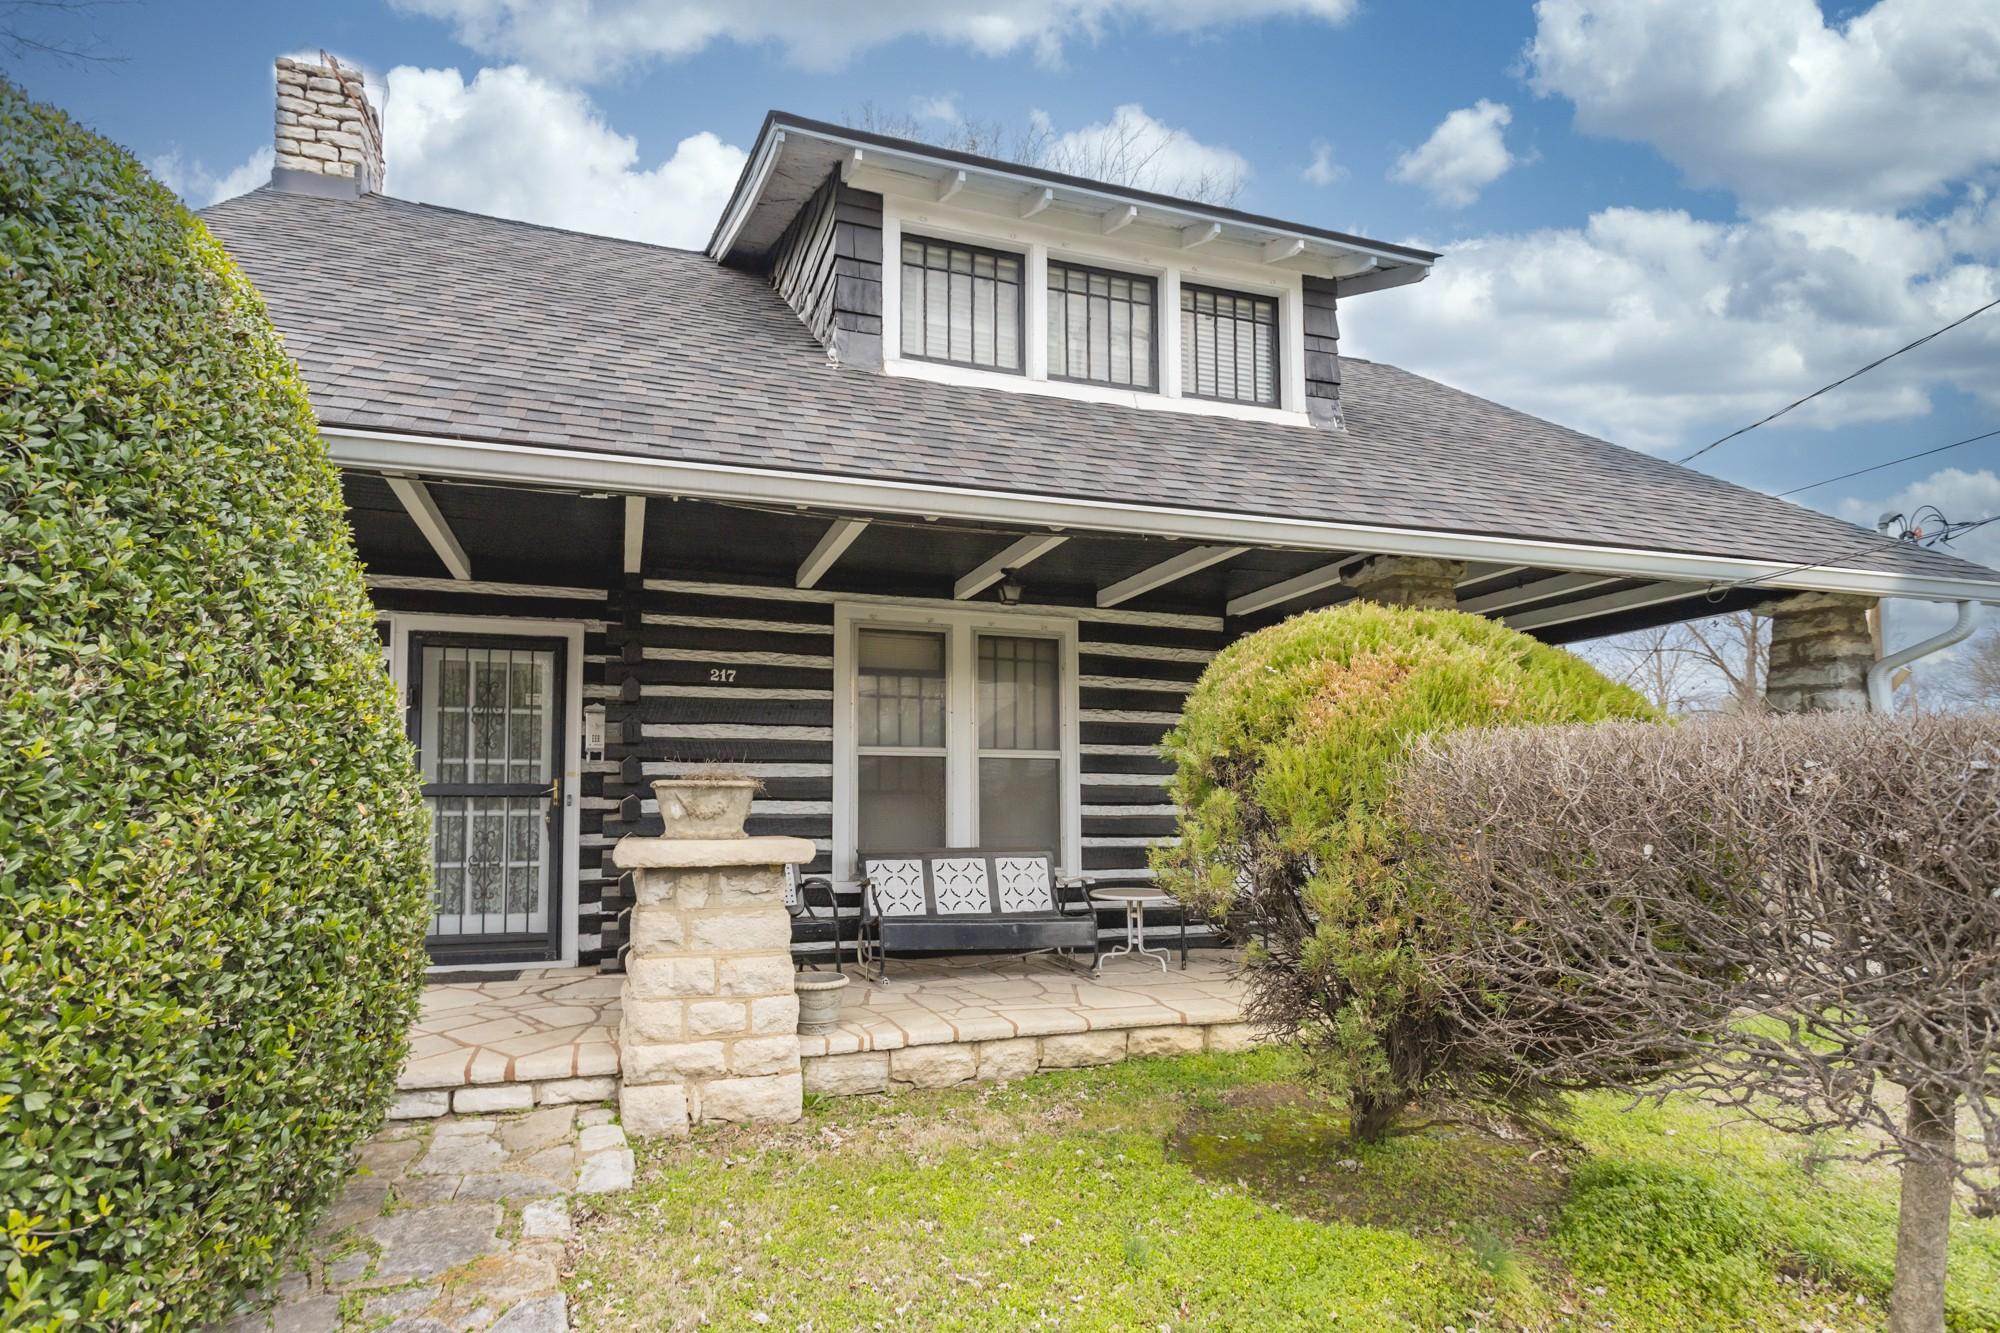 217 Cleveland St, Nashville, TN 37207 - Nashville, TN real estate listing